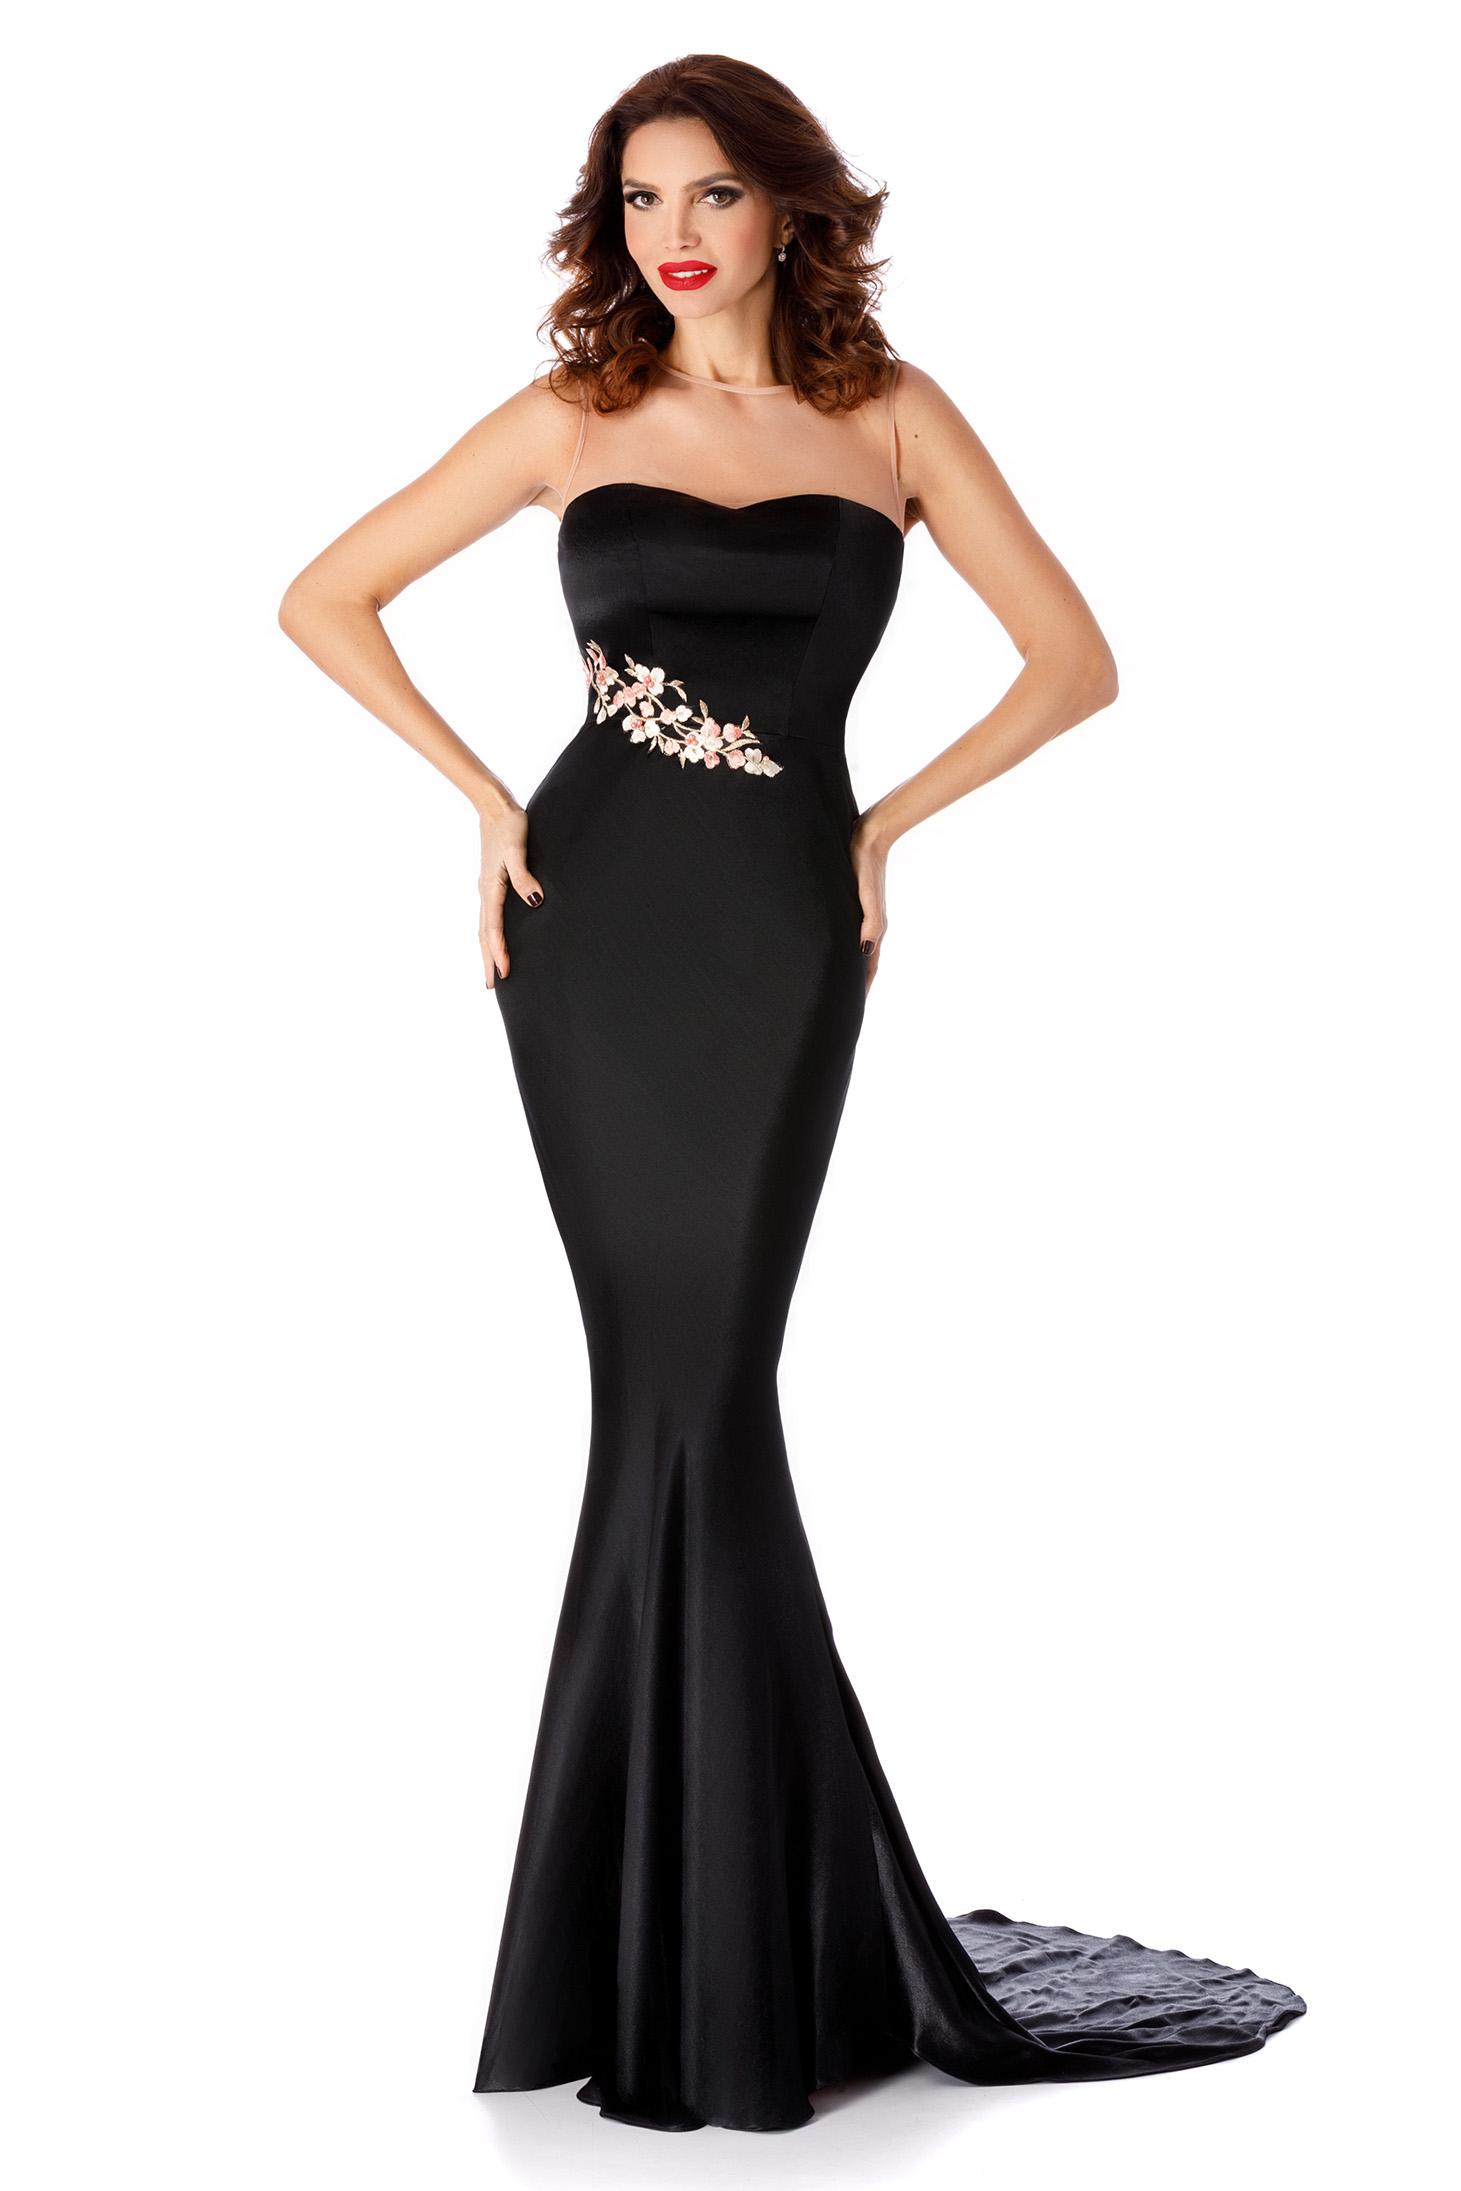 Fekete alkalmi váll nélküli szirén tipusú ruha csipke díszítéssel